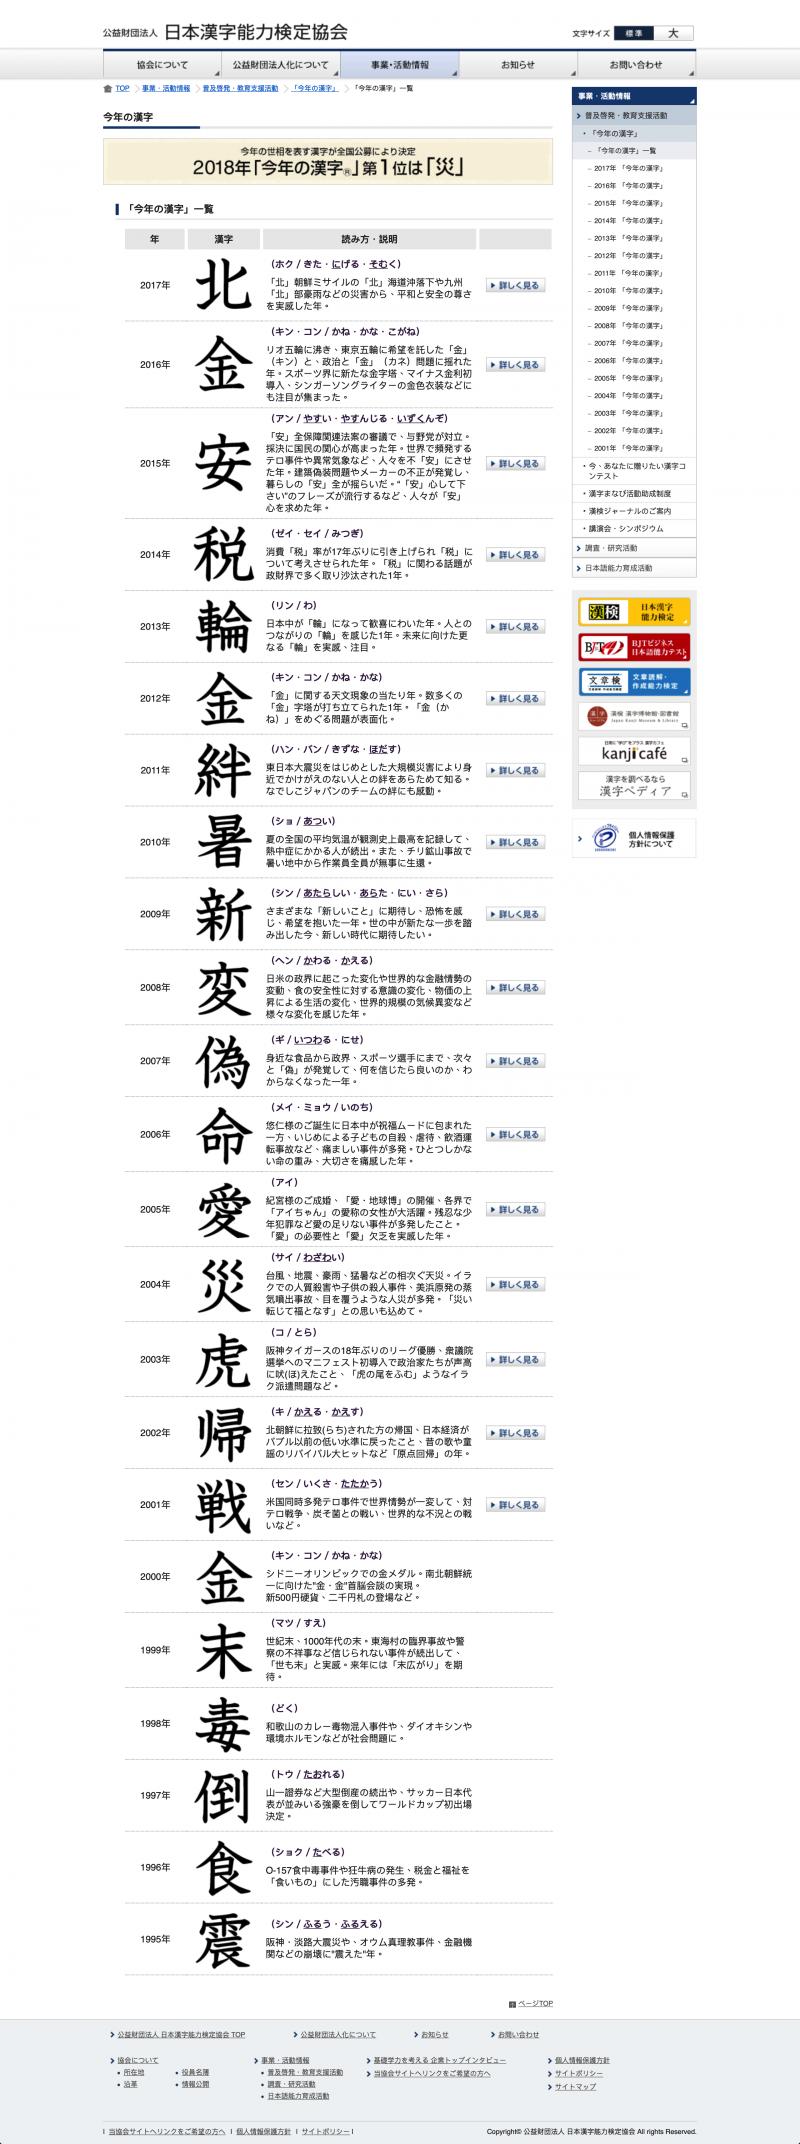 日本歷年的年度代表漢字。